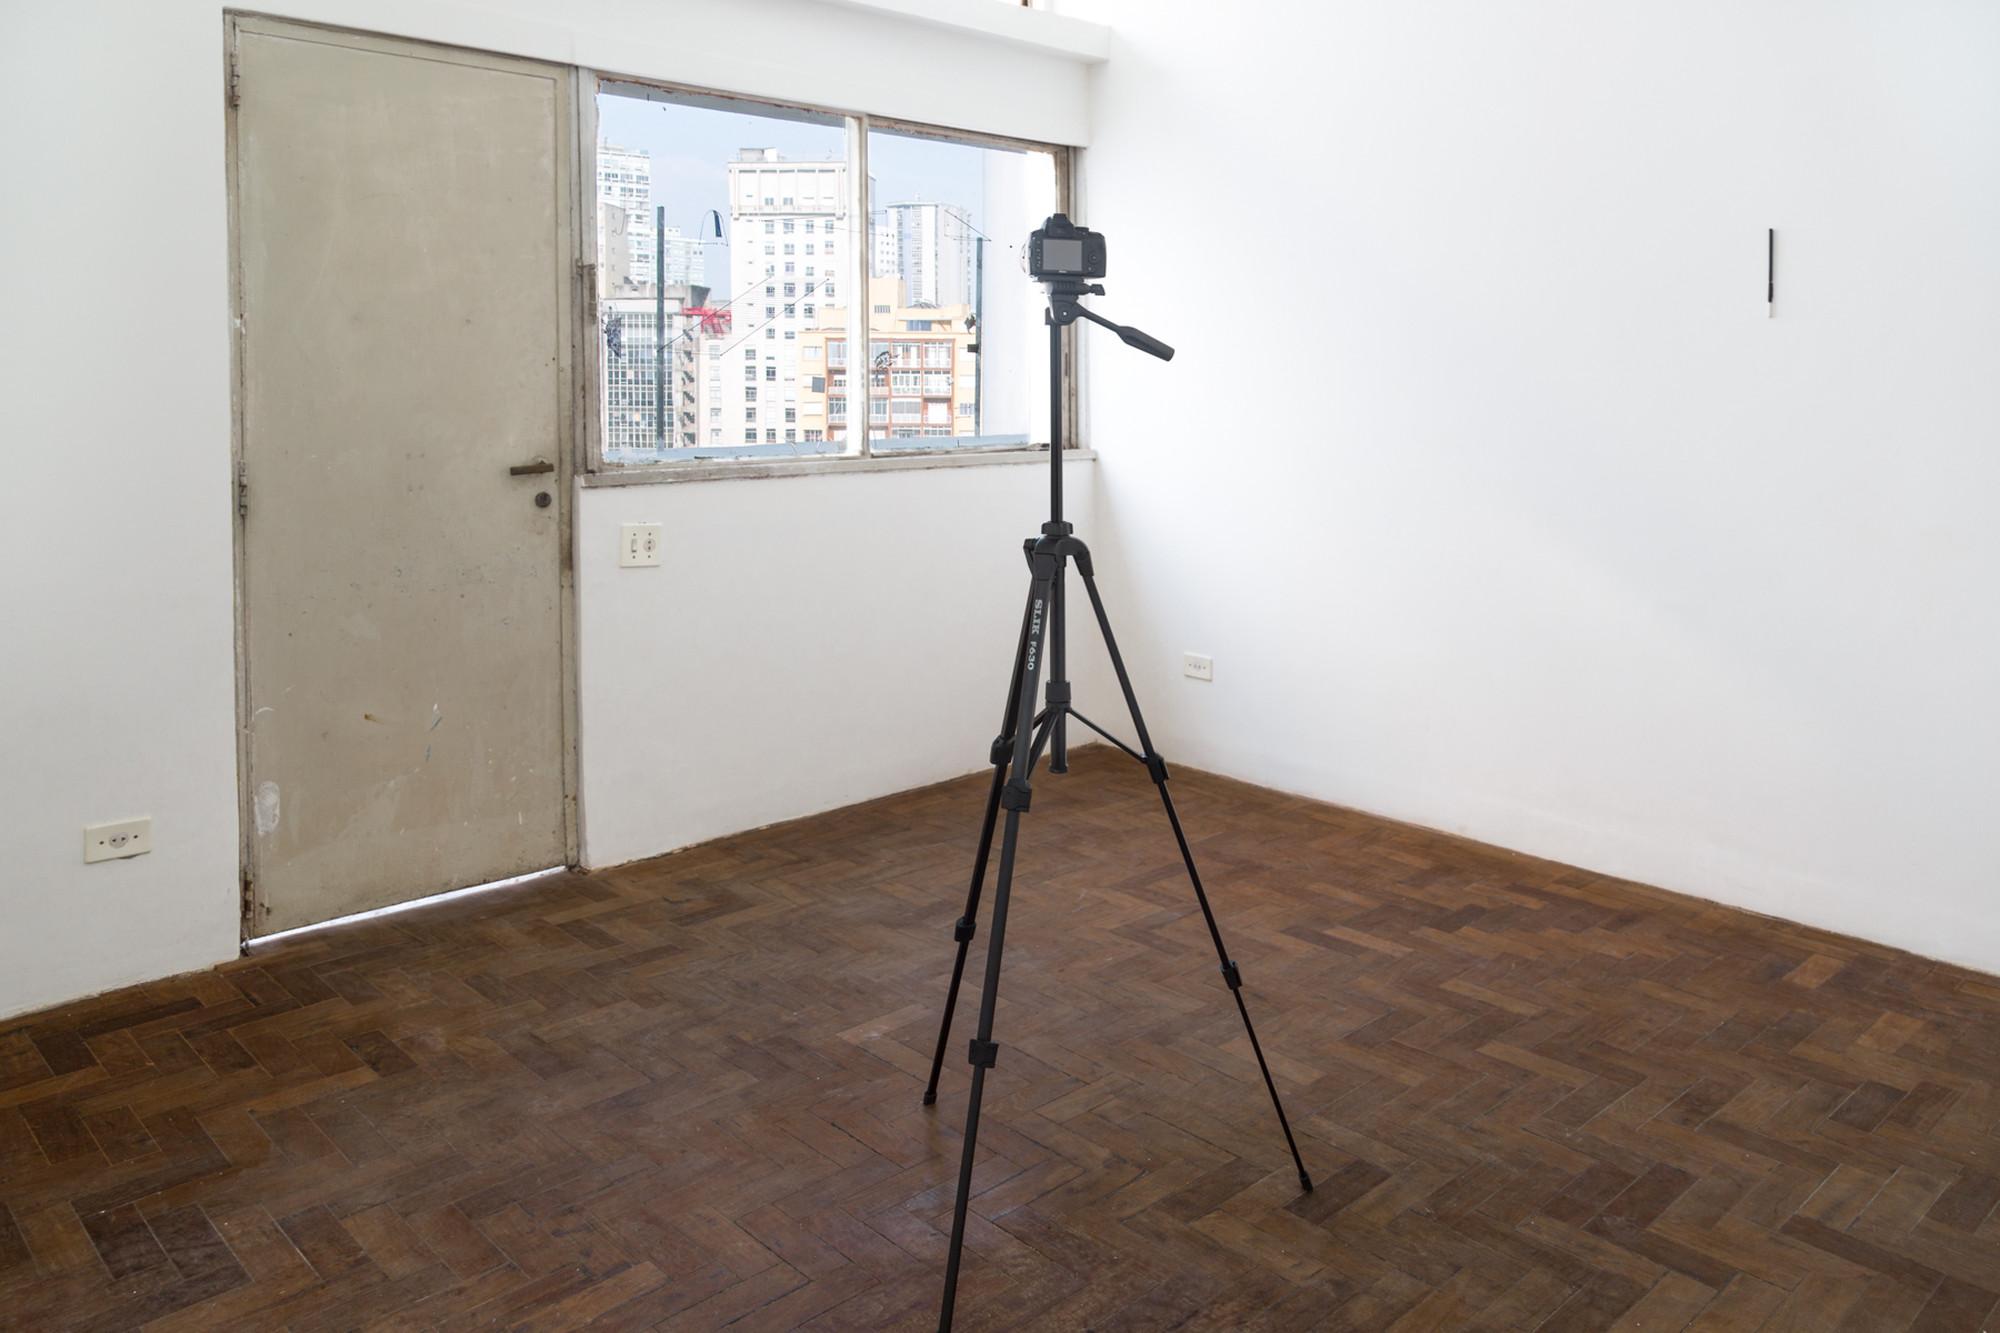 26 Observatório - Acareação - Vista da exposição